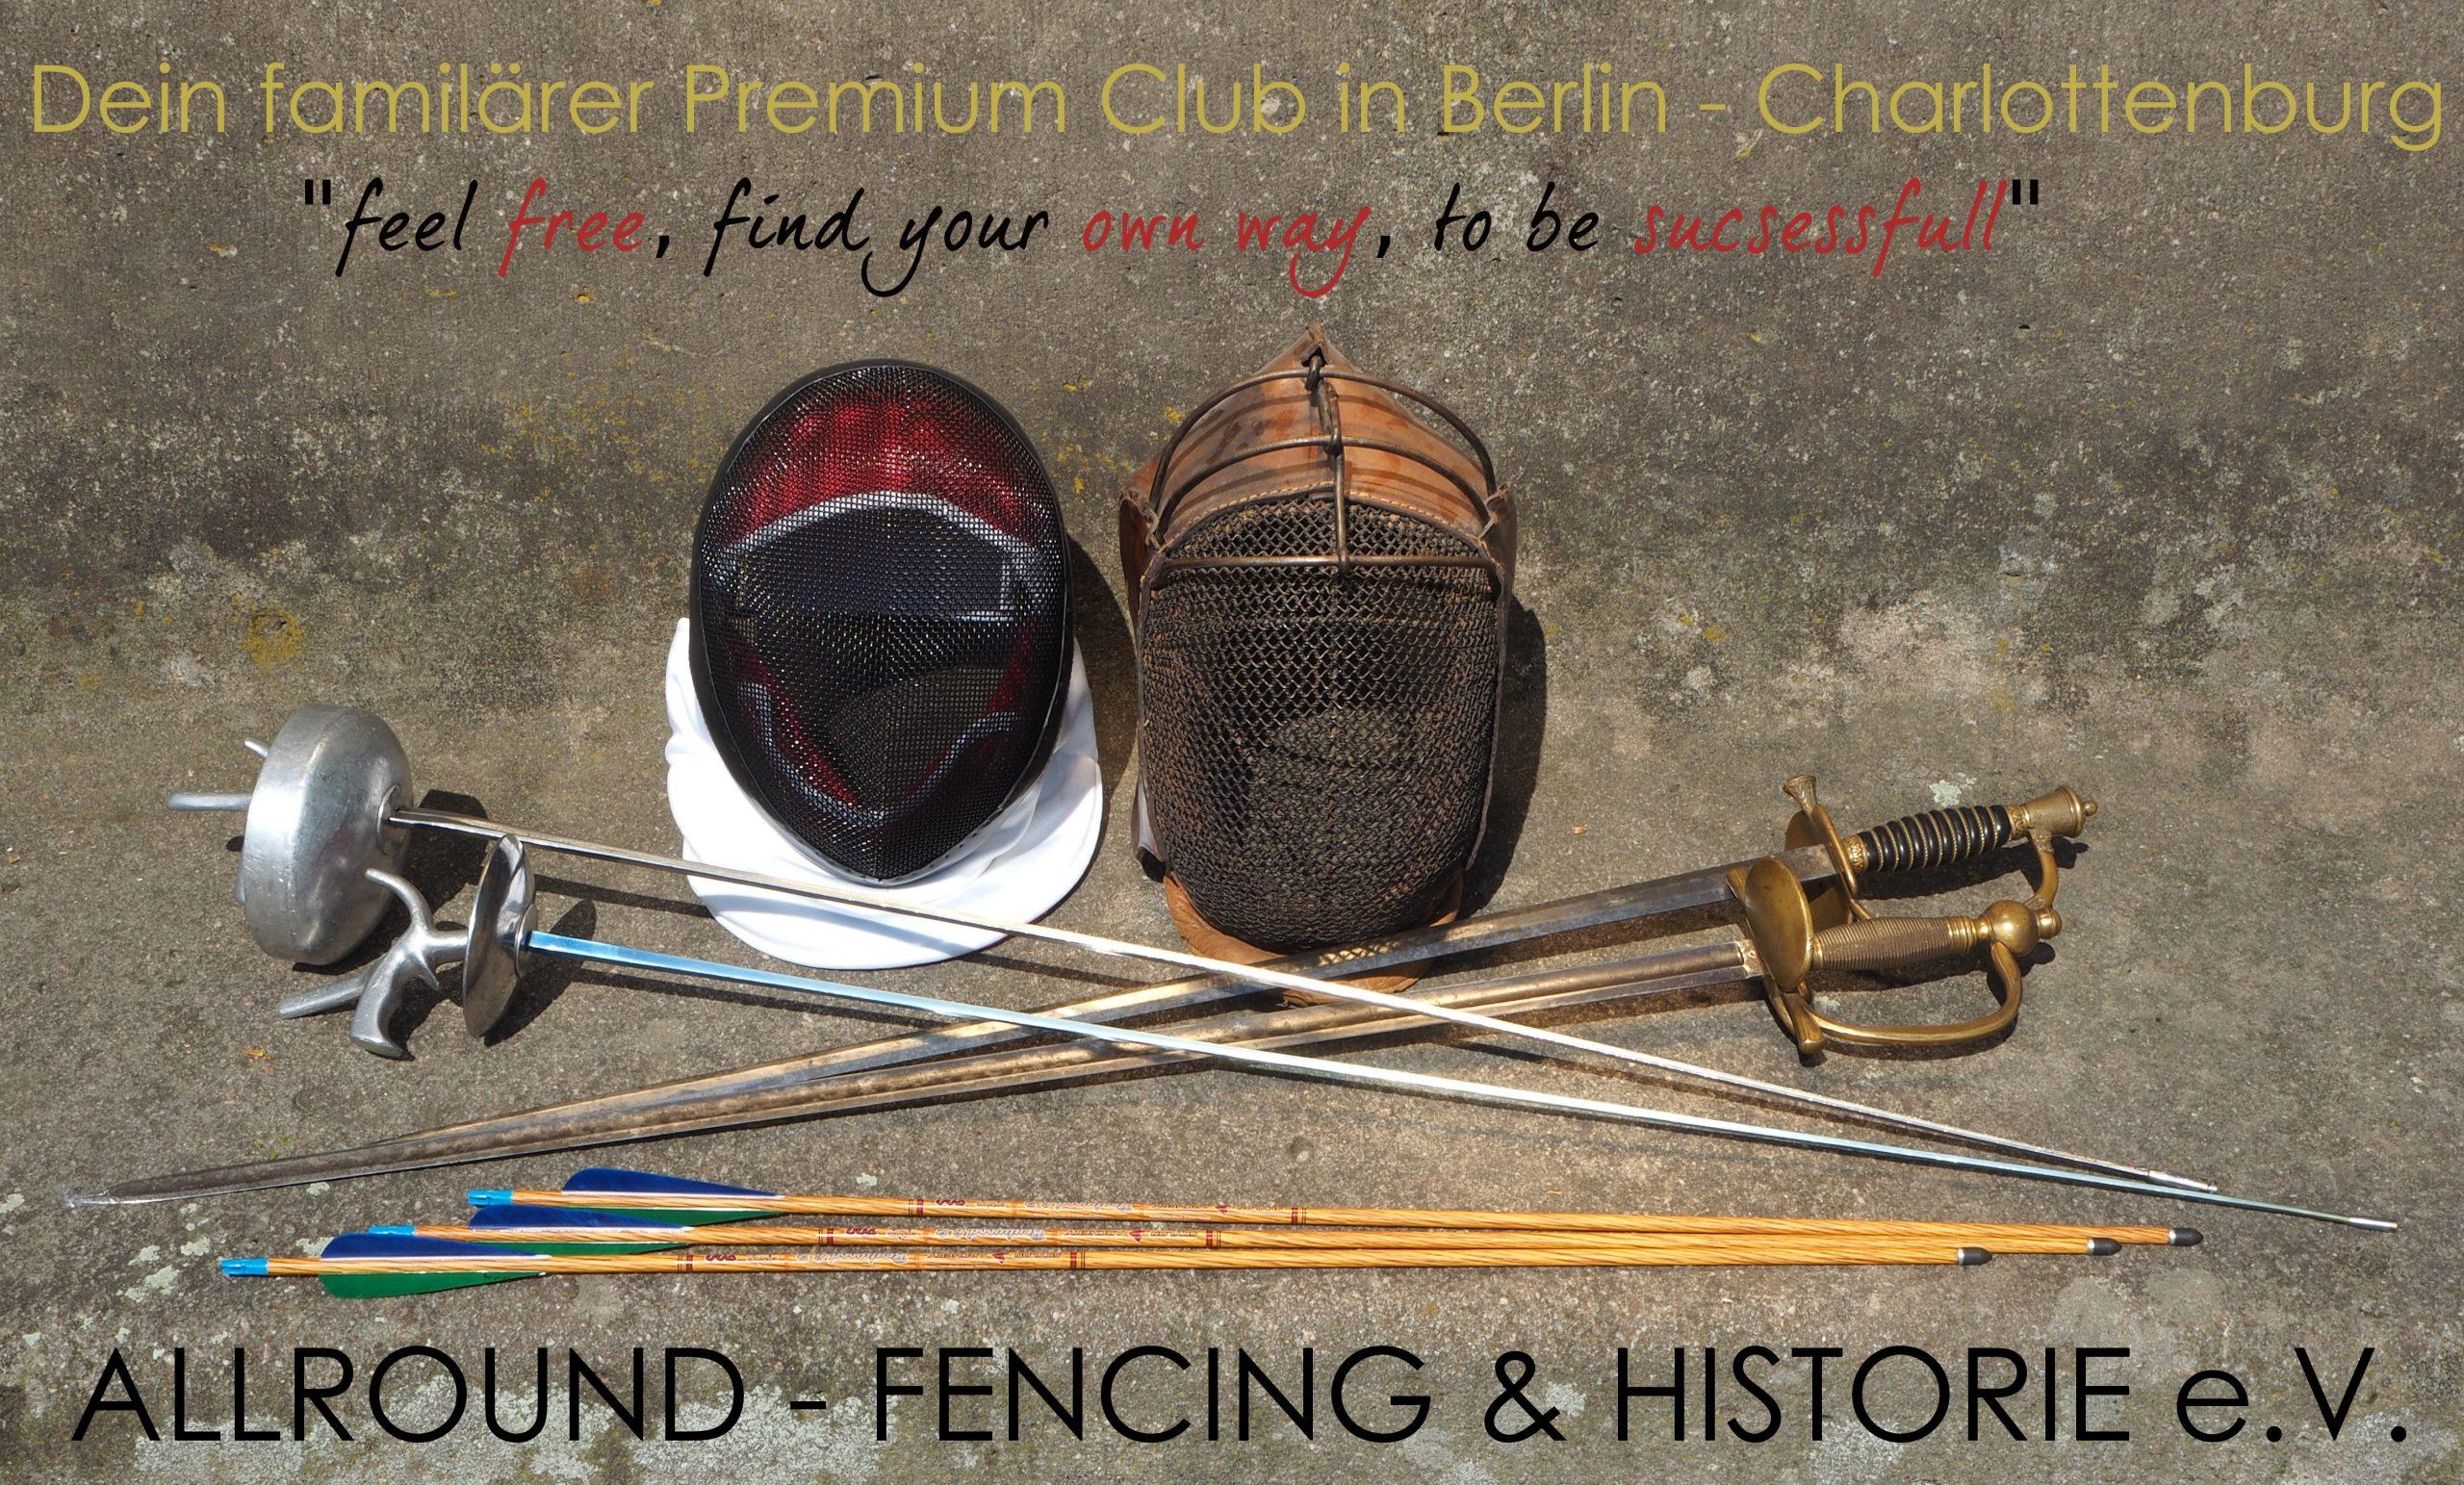 Allround-Fencing&Historie e.V. Dein familärer Premium Club Fechten+Bogenschießen+Stage in Berlin-Charlottenburg!